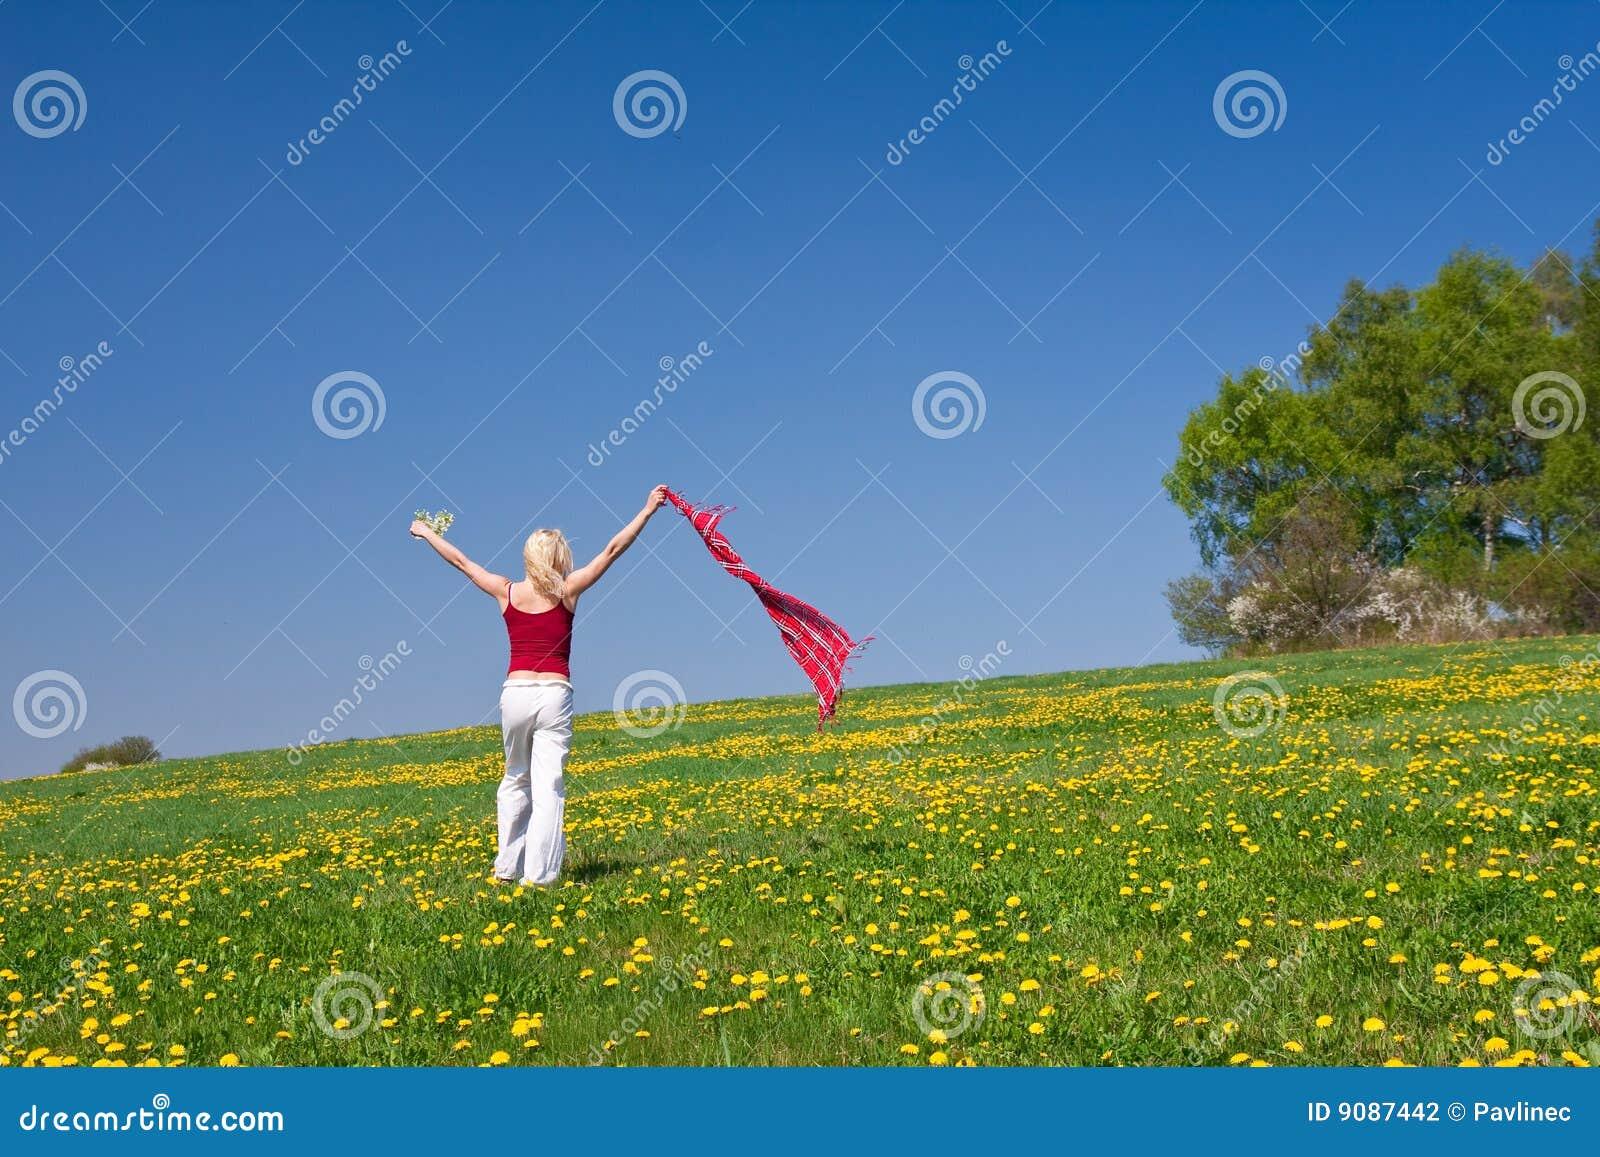 Junge Frau mit einem roten Schal auf einer Wiese